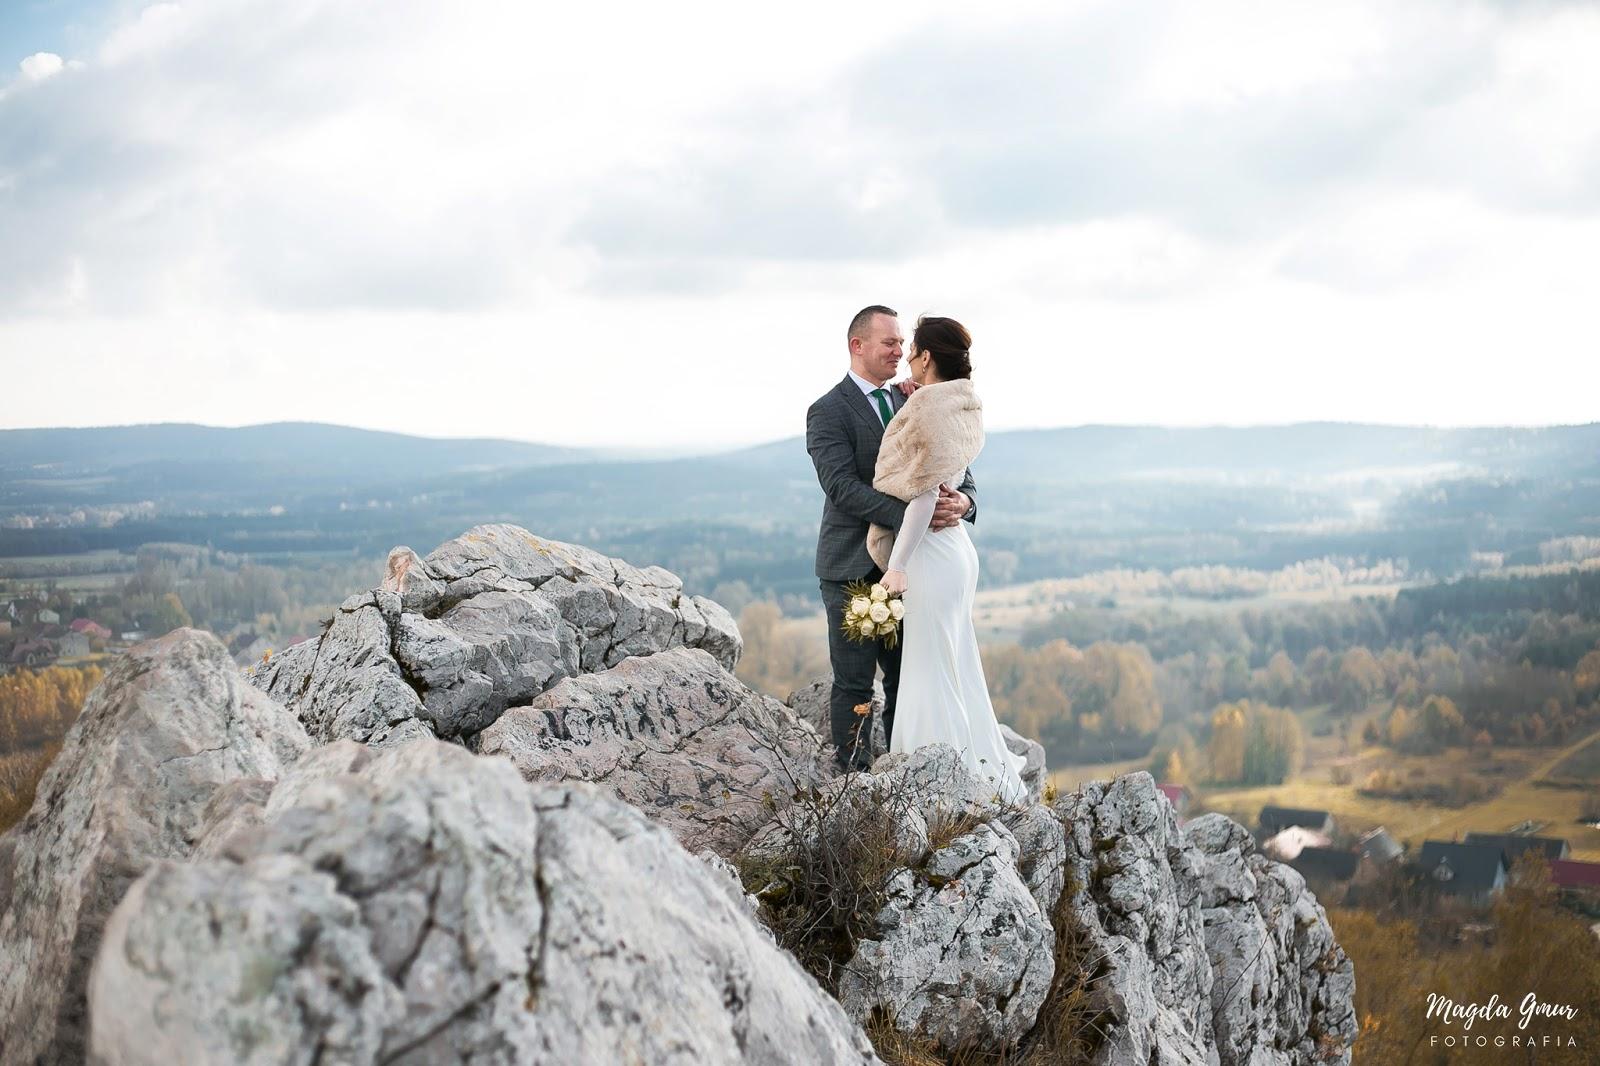 fotograf ślubny opoczno, fotograf opoczno, plener ślubny na górze miedziance, góra miedzianka, plener świętokrzyskie, magda gmur fotografia